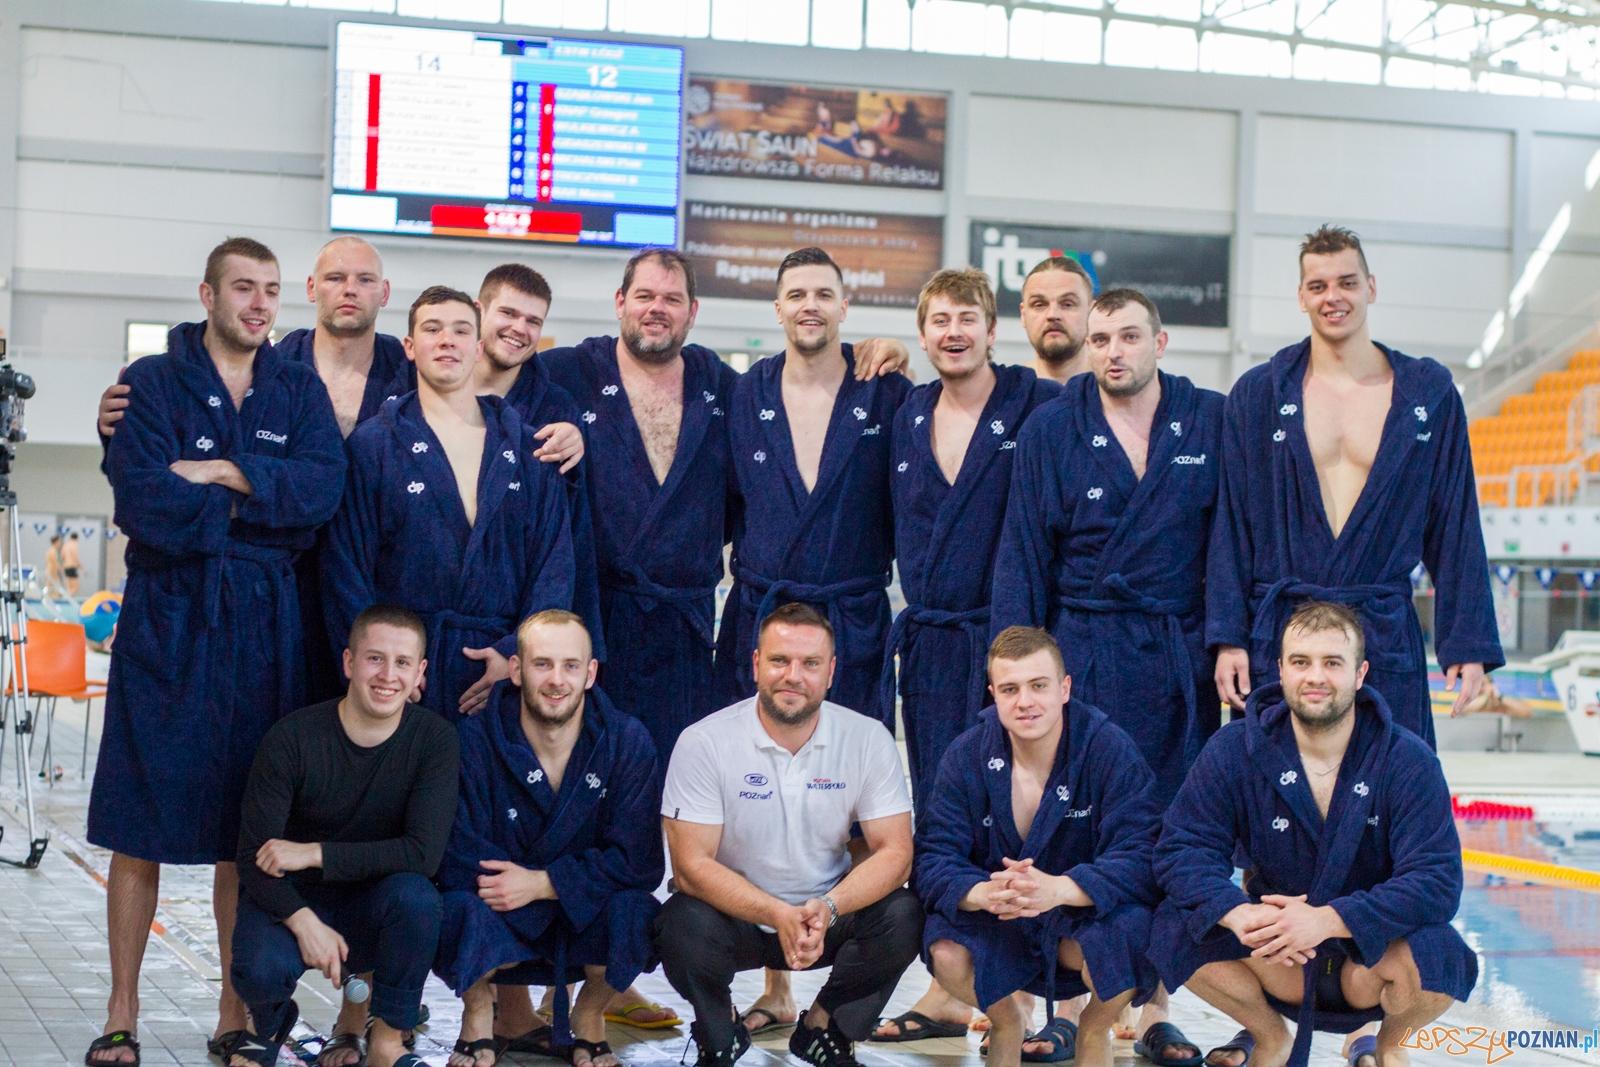 Waterpolo Poznań - ŁSTW UŁ  Foto: lepszyPOZNAN.pl / Piotr Rychter